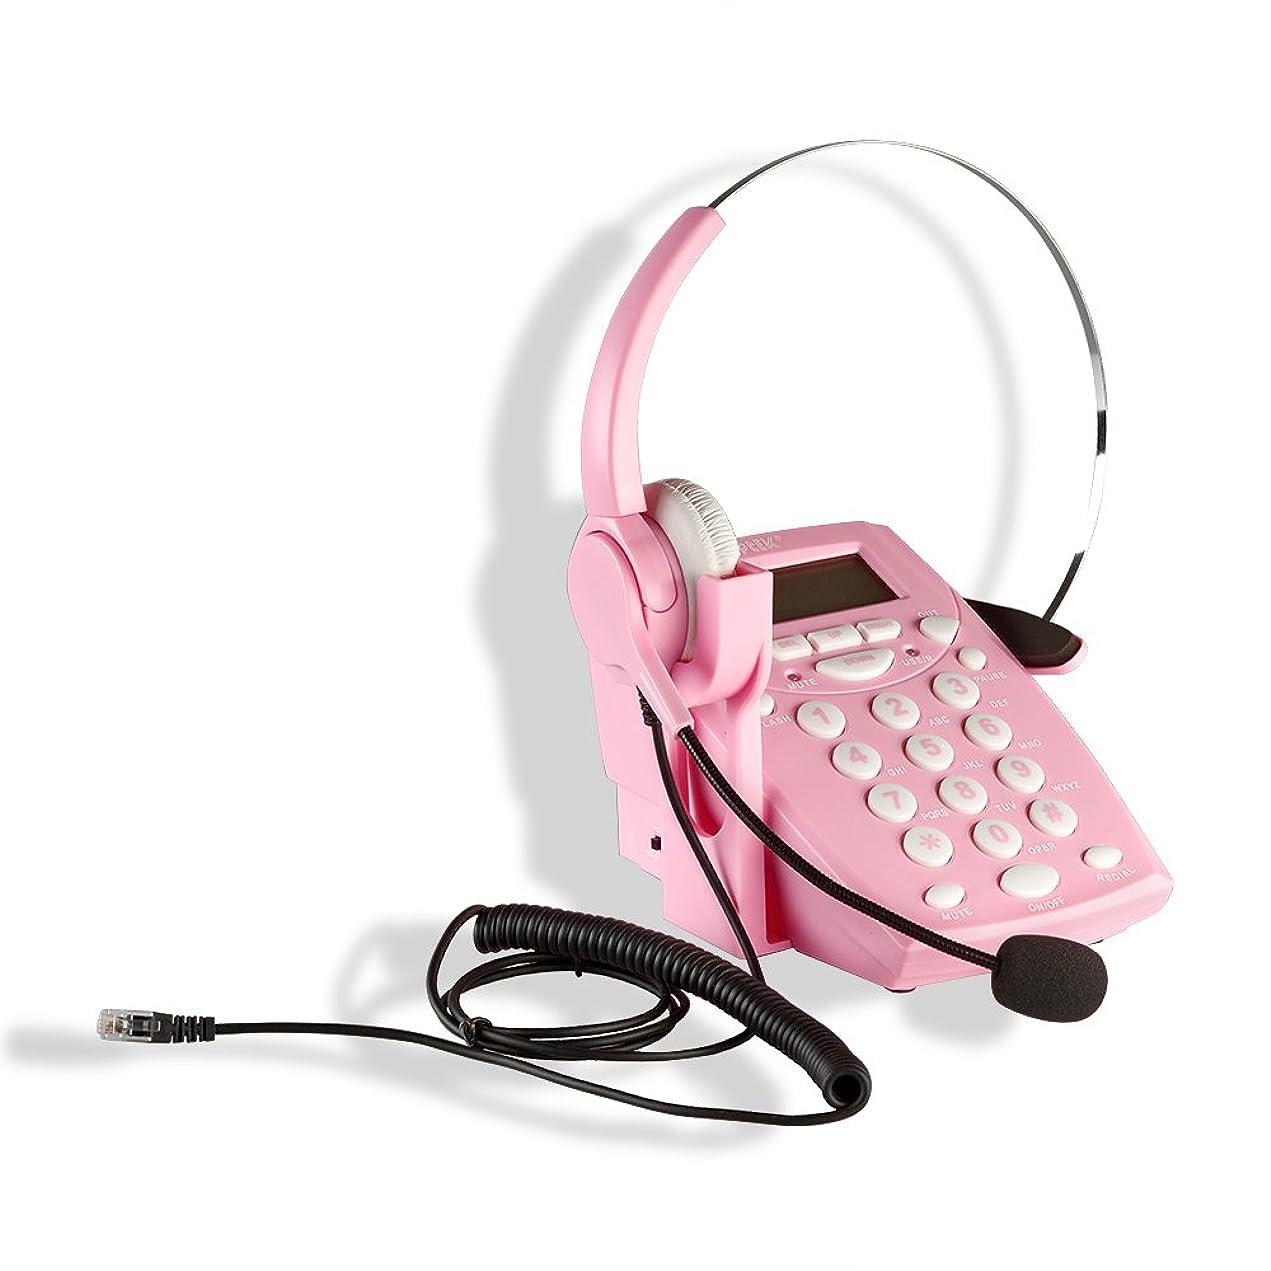 最少戸棚ホバートAGPTEK電話 コールセンター電話機 ダイヤルパッドヘッドセット 雑音キャンセル 録音機能 LED発信者番号表示 ビジネス 電話カウンセリングサービス、販売、保険、病院、銀行、空港、通信事業者、企業 英語紙質説明書/日本語電子版説明書付き